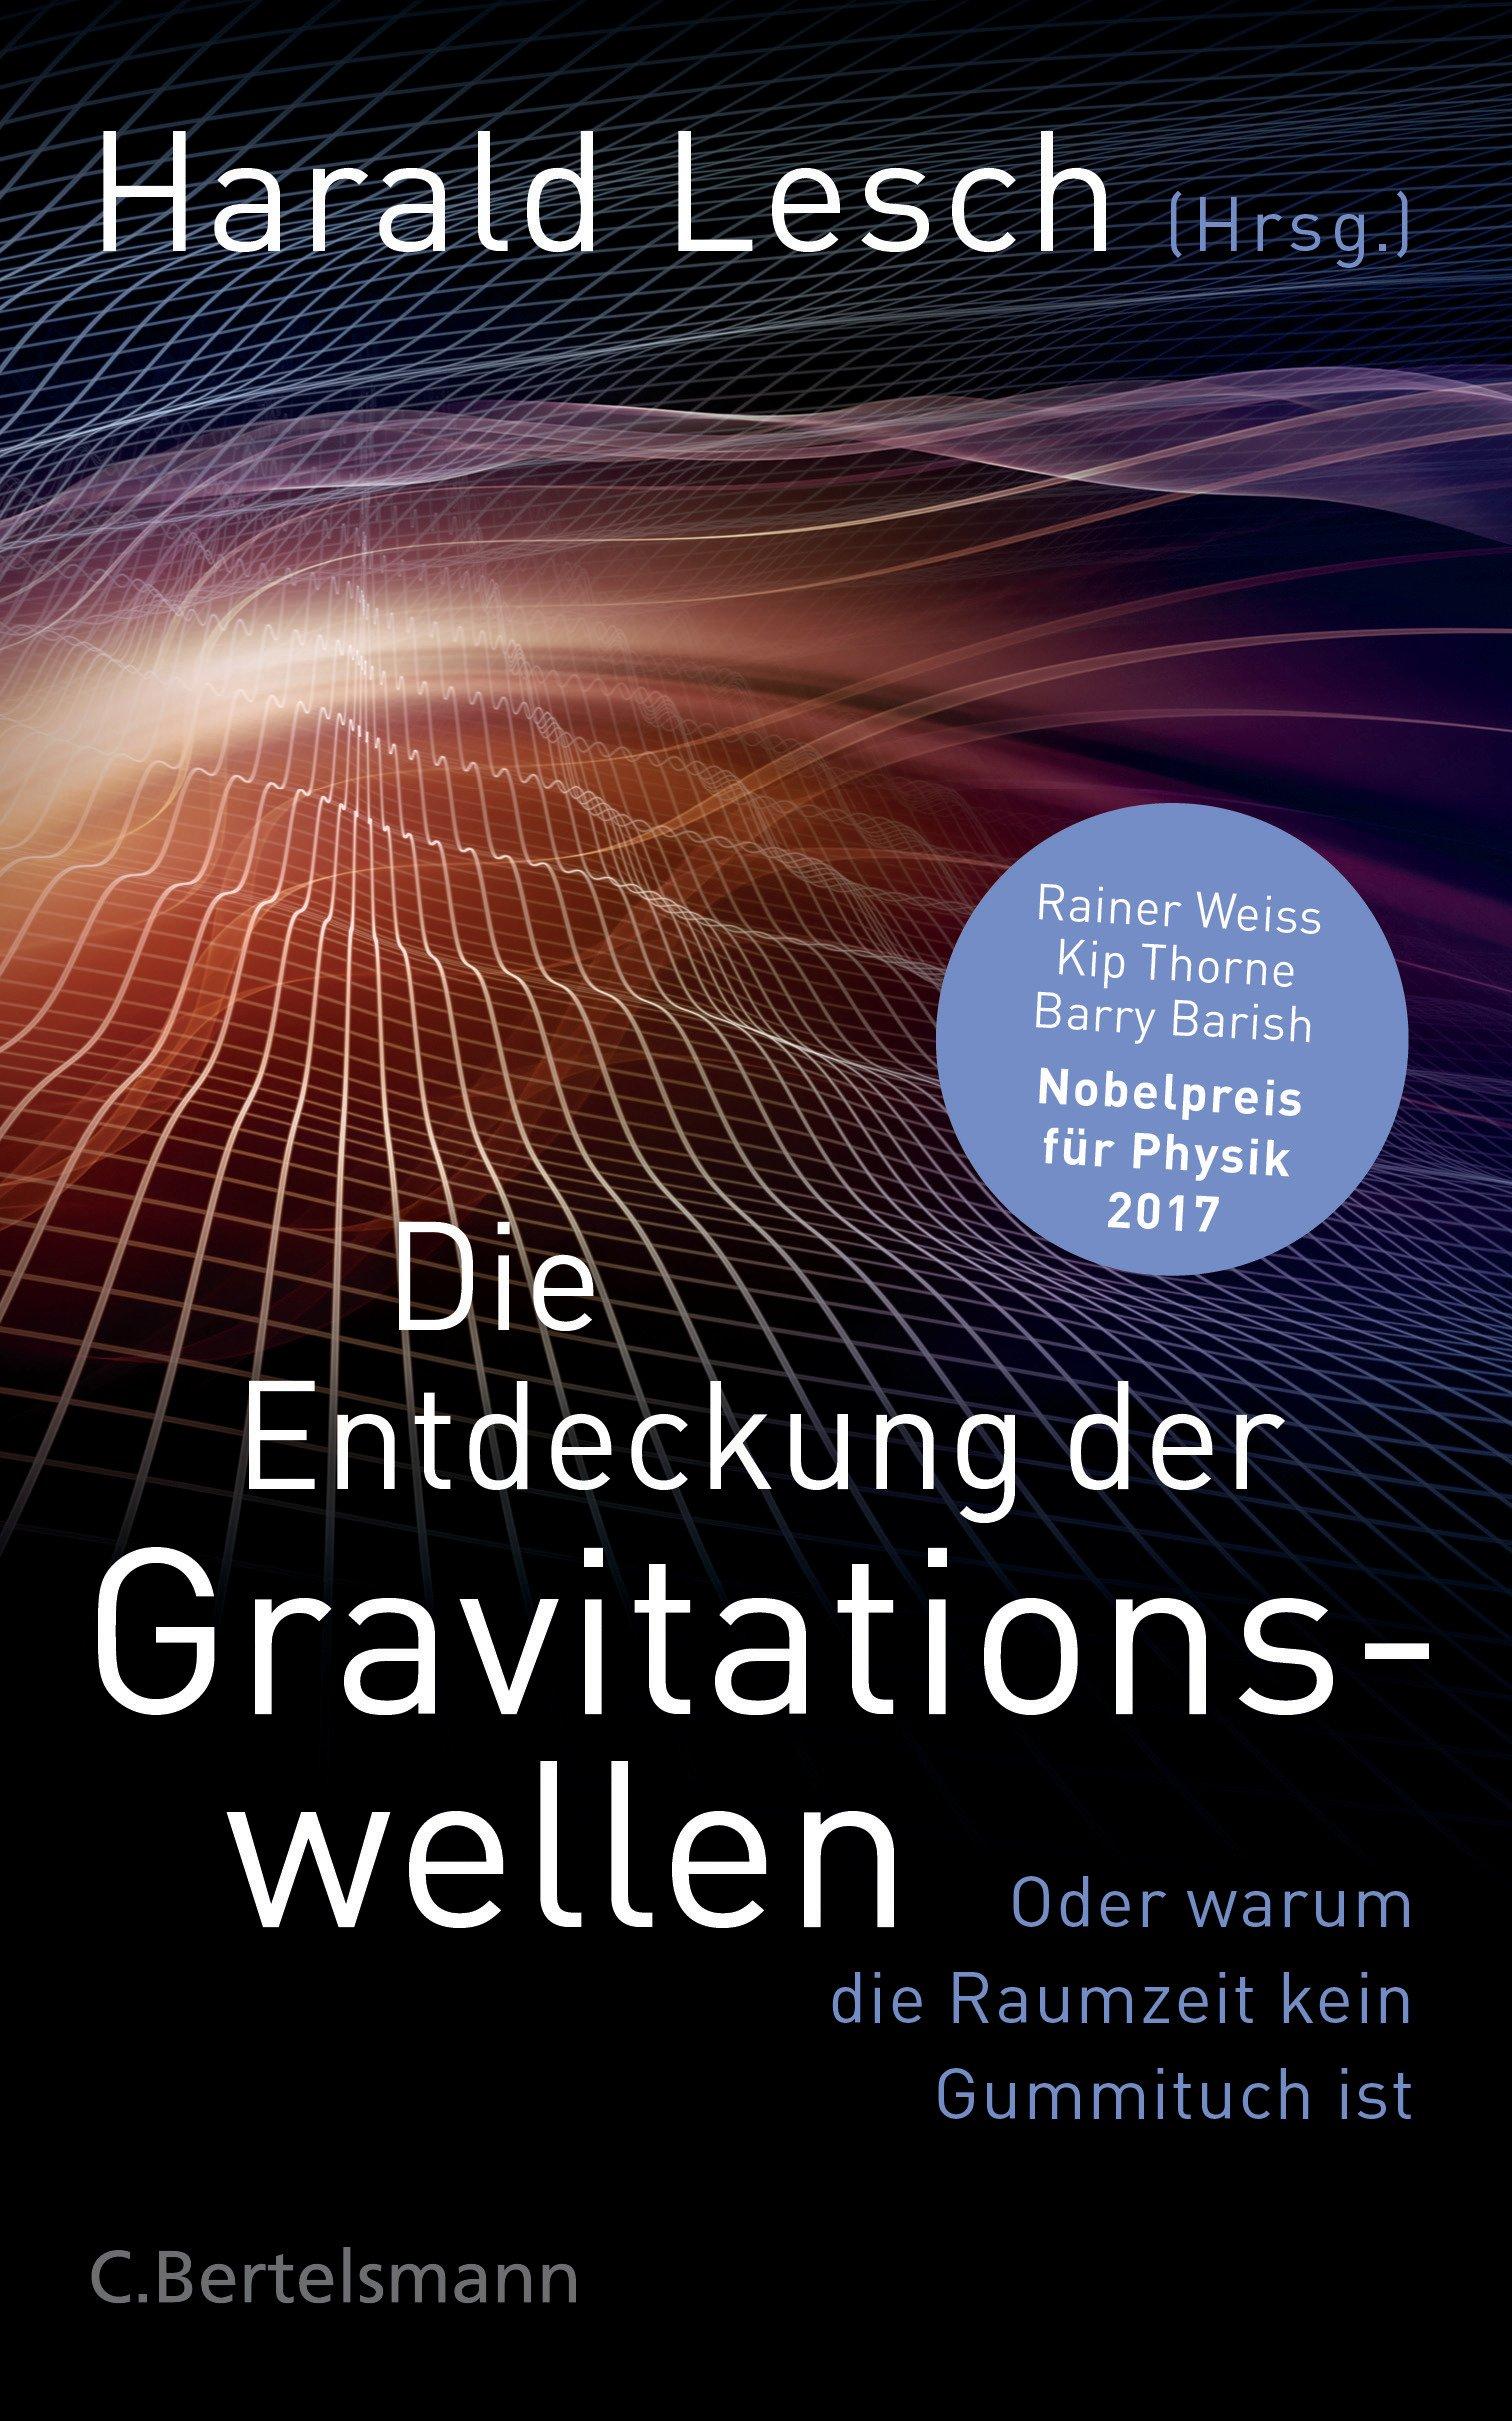 die-entdeckung-der-gravitationswellen-oder-warum-die-raumzeit-kein-gummituch-ist